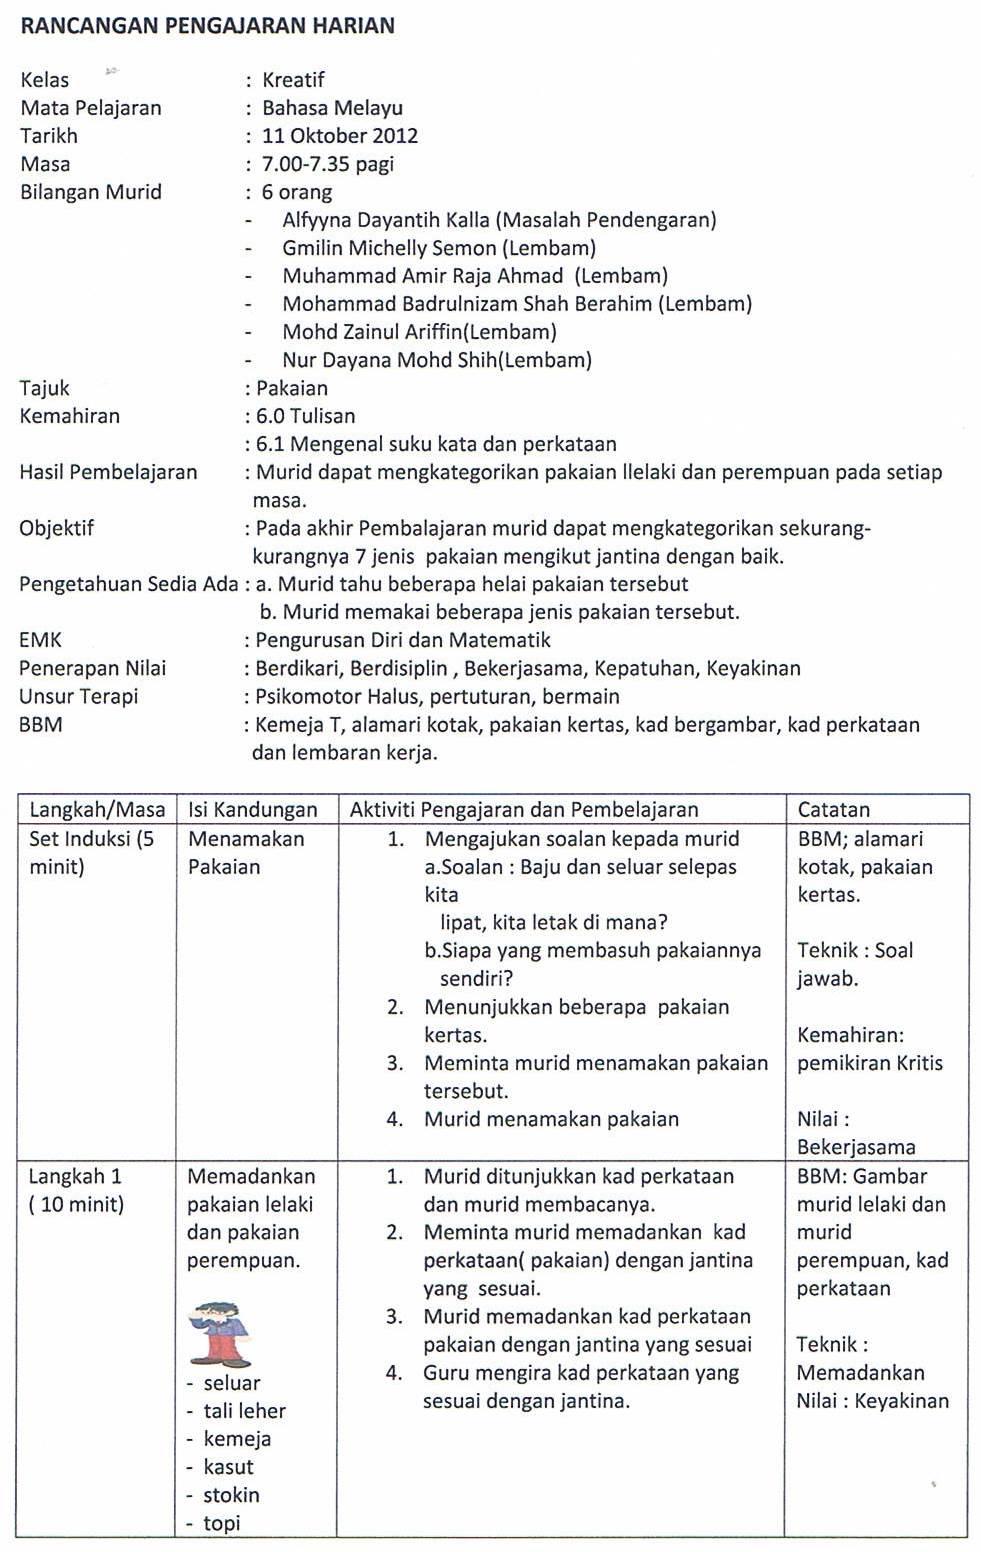 Rancangan Pengajaran Harian Program Pendidikan Khas Integrasi Bahasa Melayu